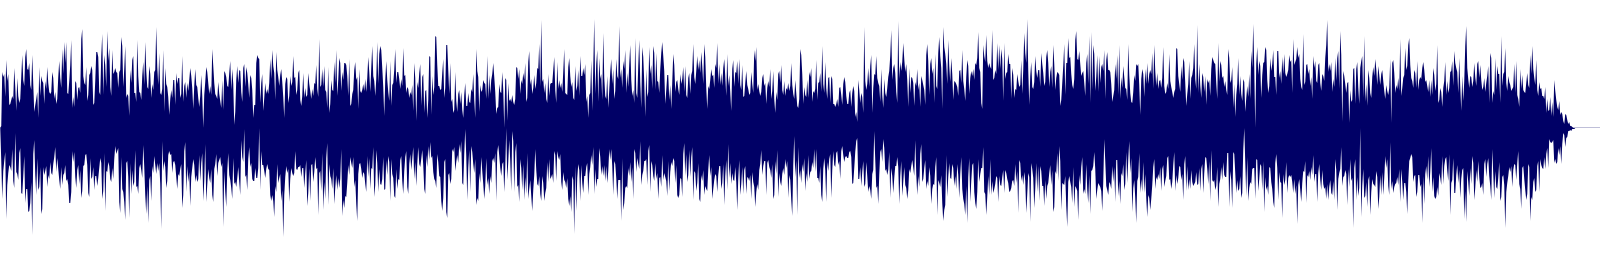 waveform of track #159386